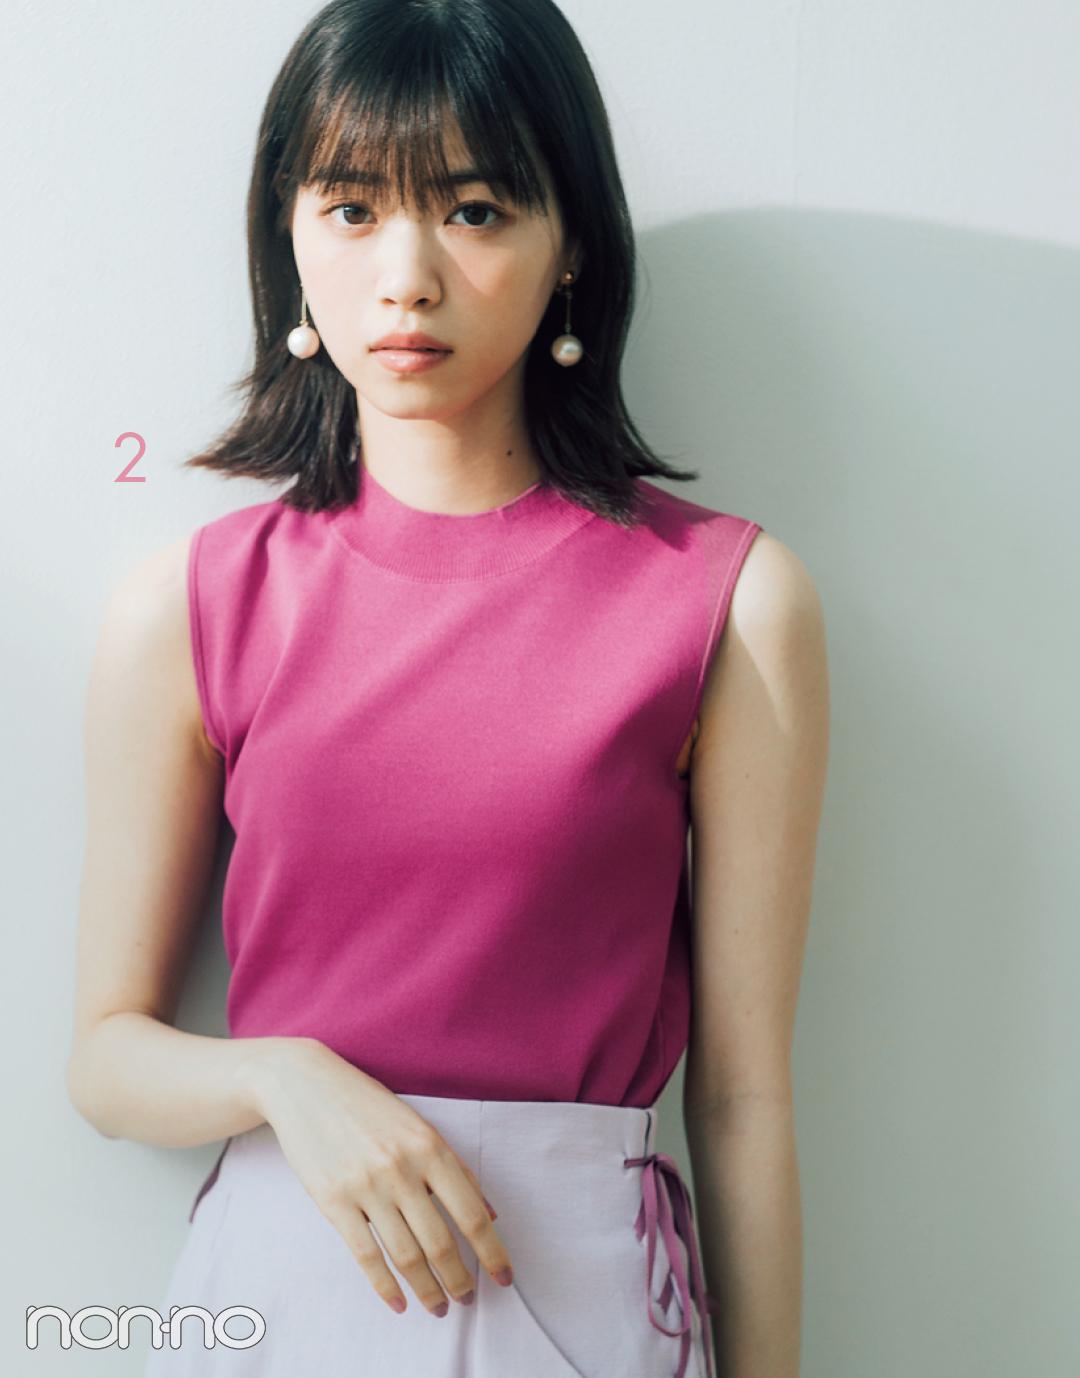 西野七瀬のセットアップで着回しコーデ1×7♡ 淡いピンクはきれいめ派に必須!_1_3-2